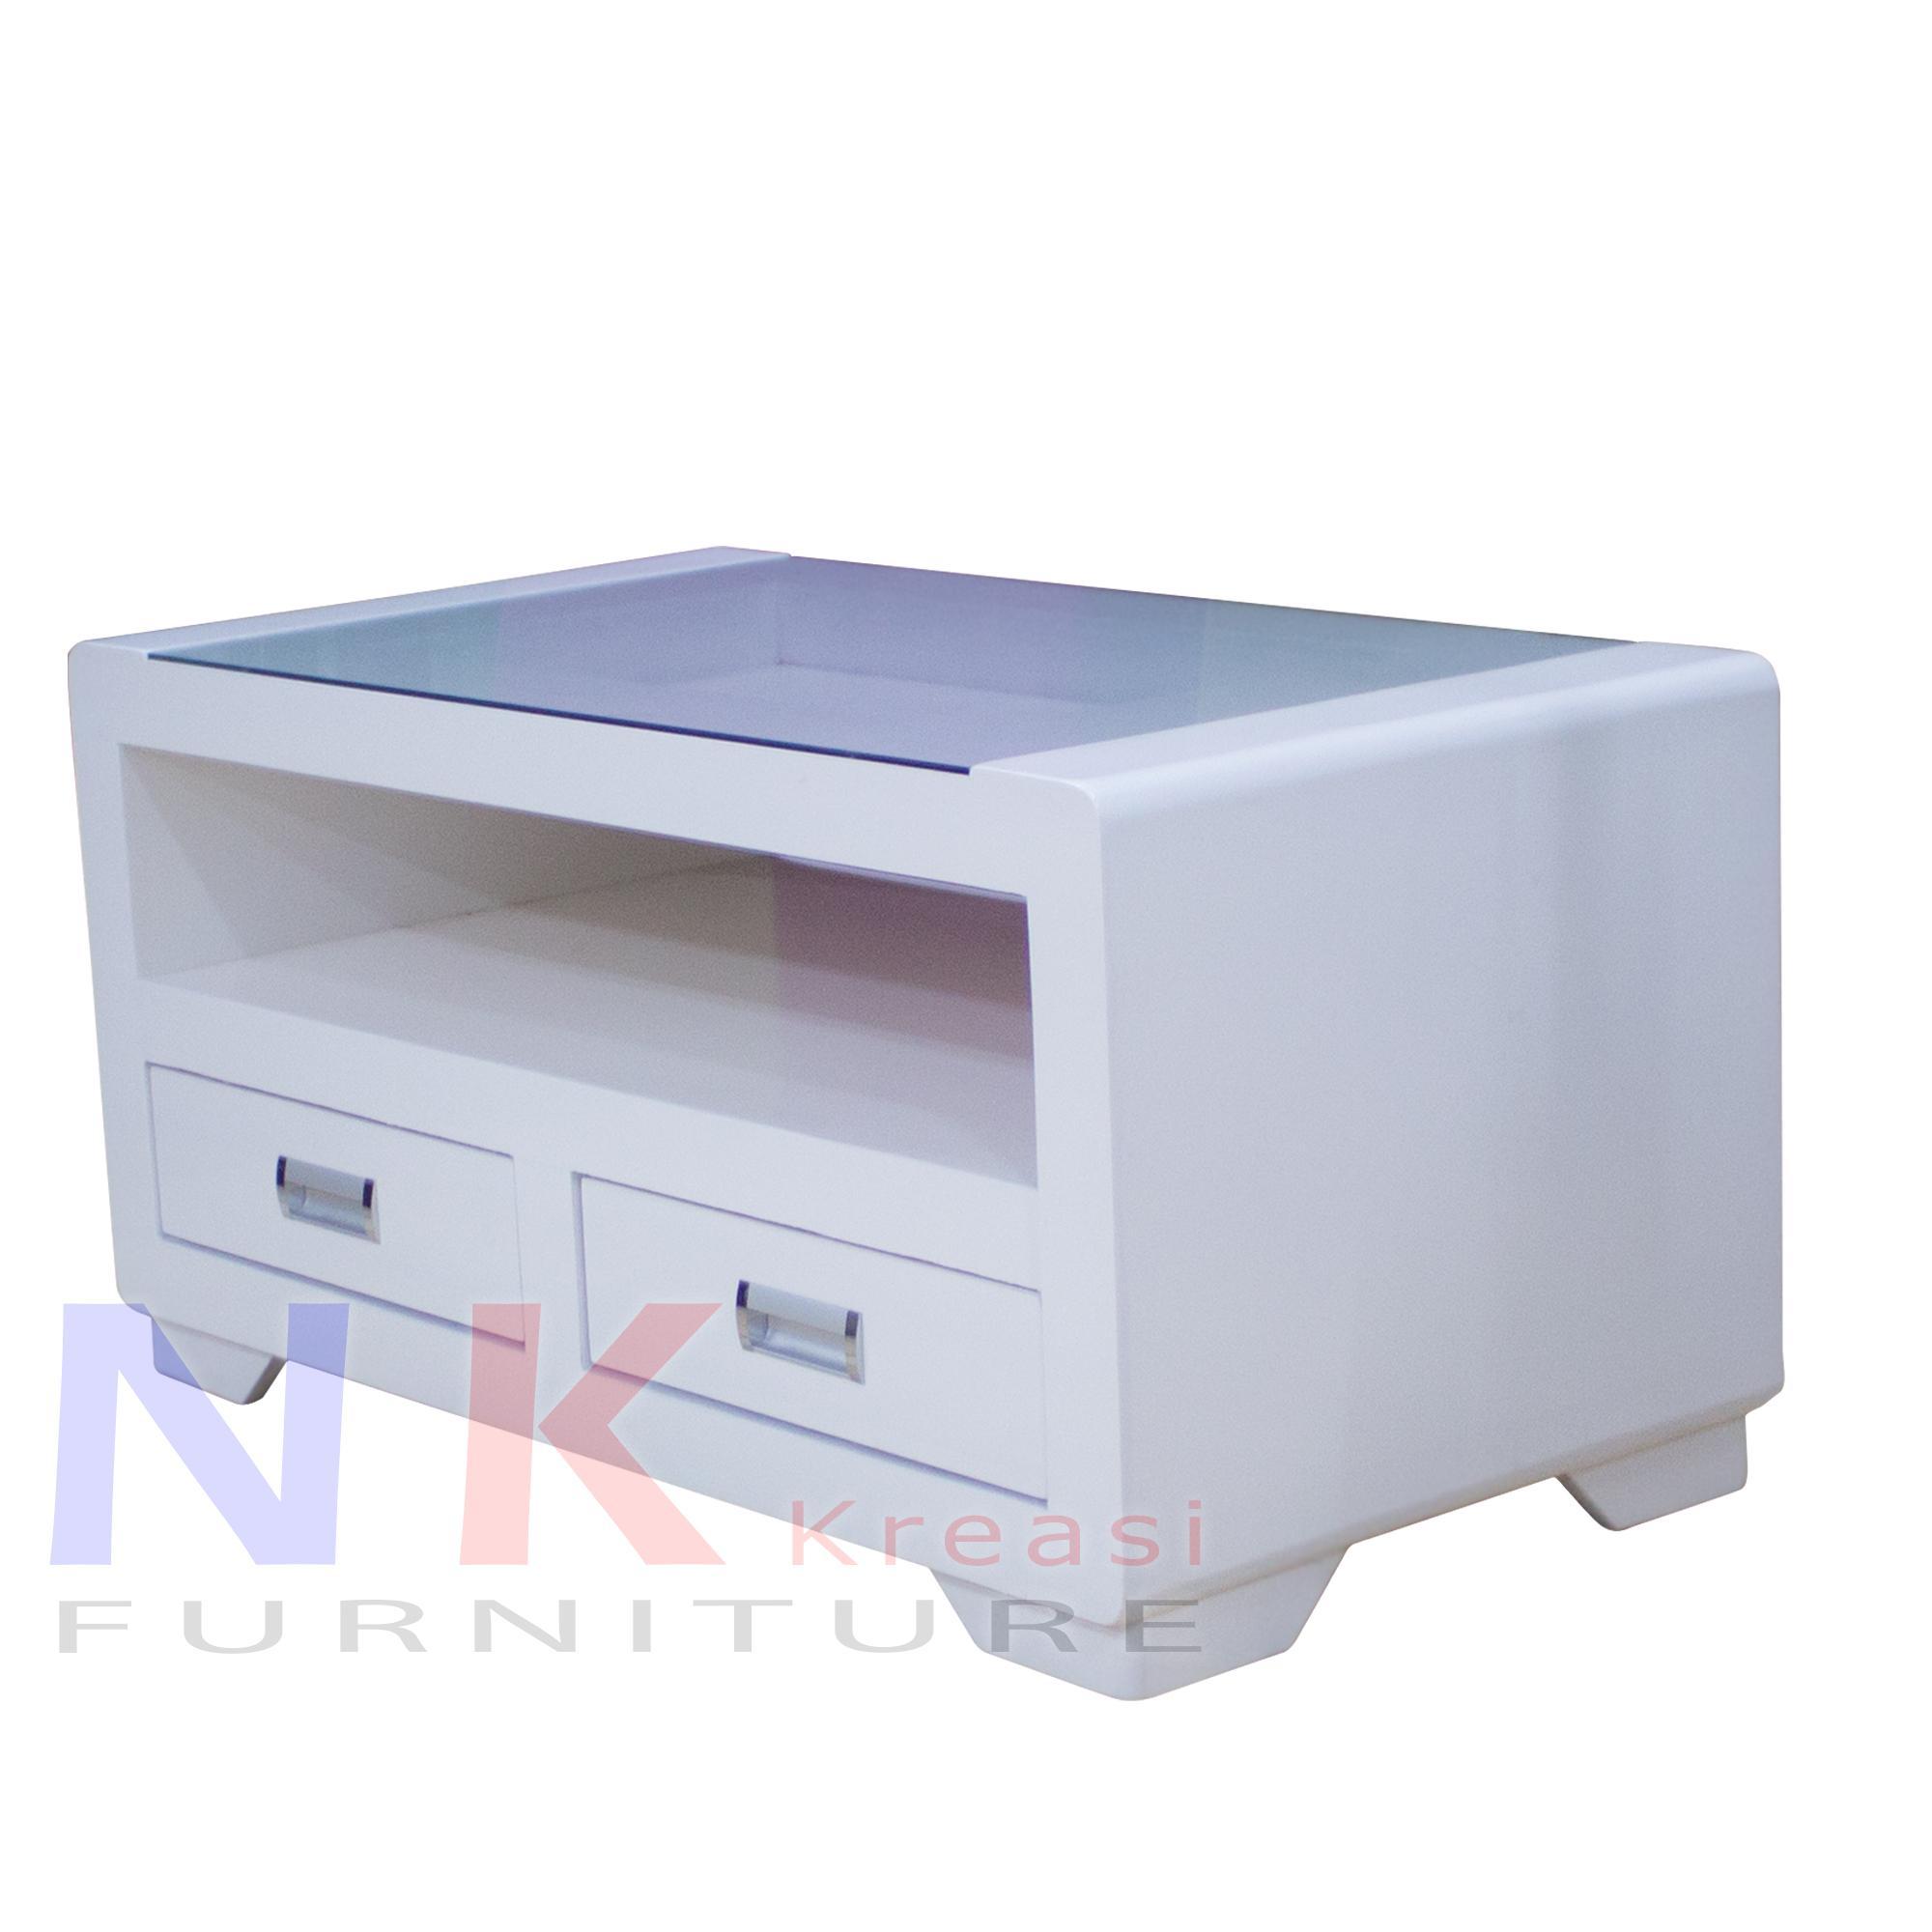 Meja Tamu Duko Putih, meja Kayu Kerang Laci 2 minimalis mewah - JABODETABEK ONLY